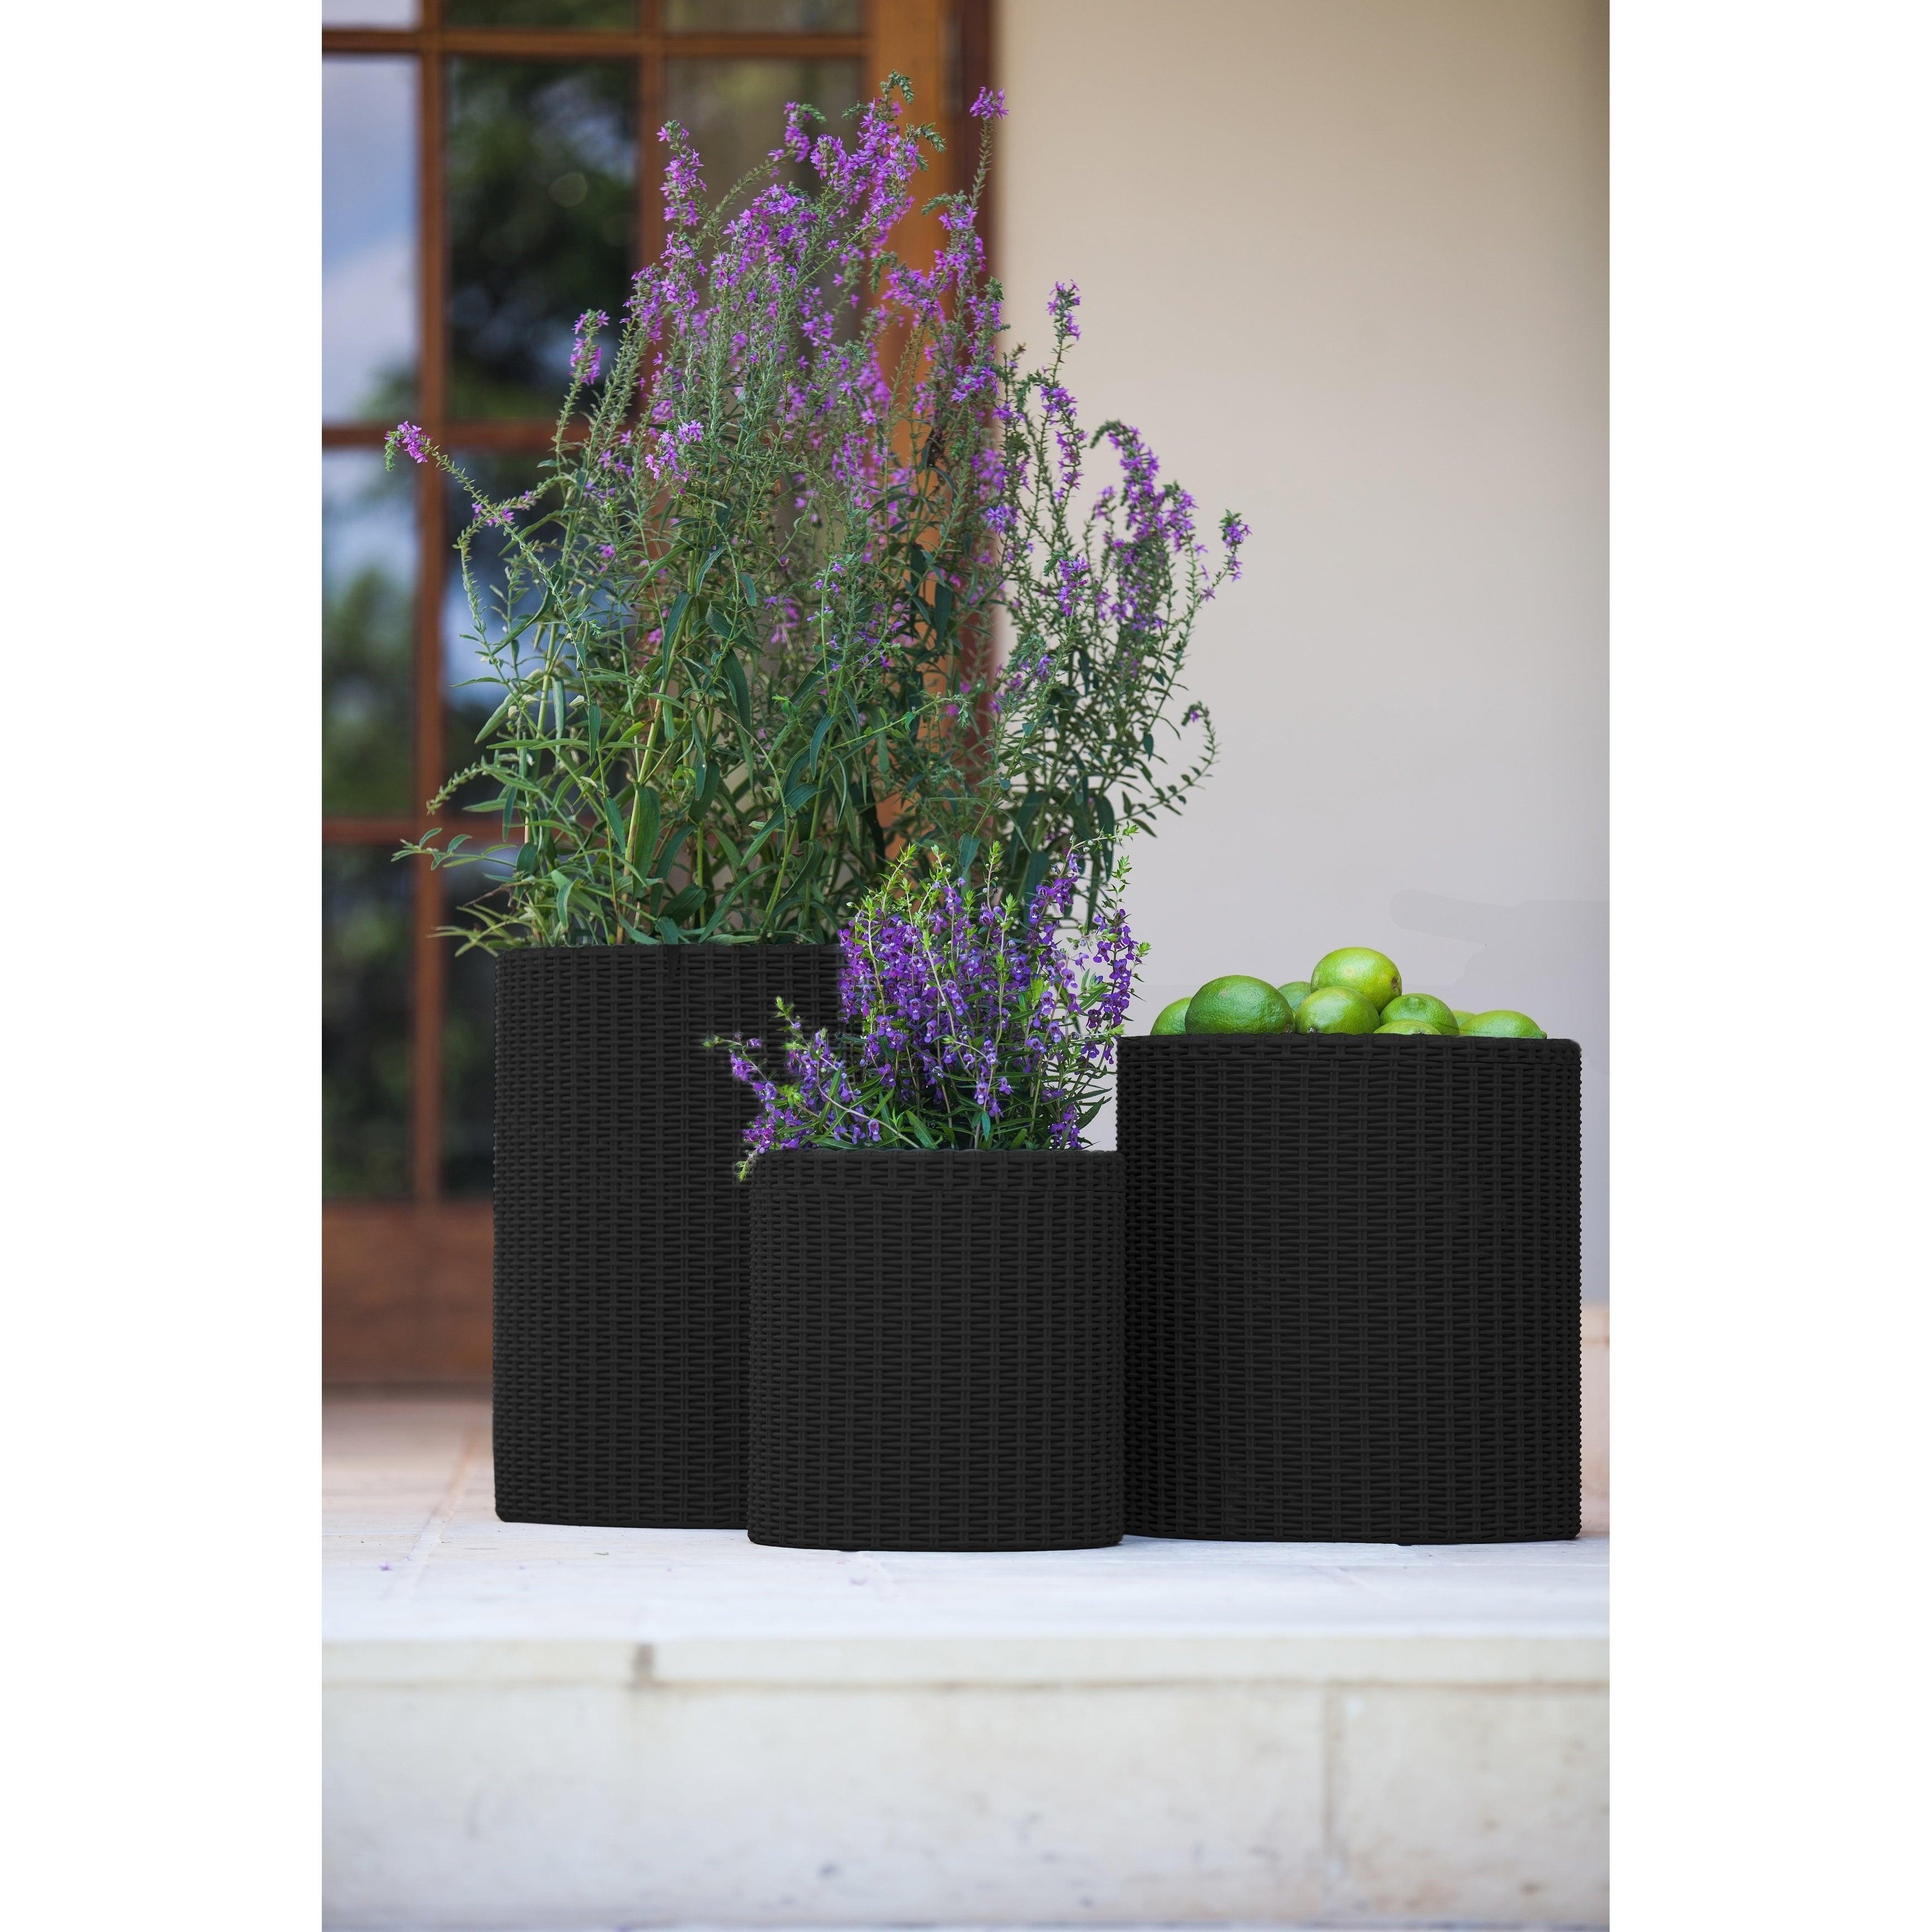 Keter Brown Plastic Resin Rattan Round Cylinder 3 Piece Garden Planter